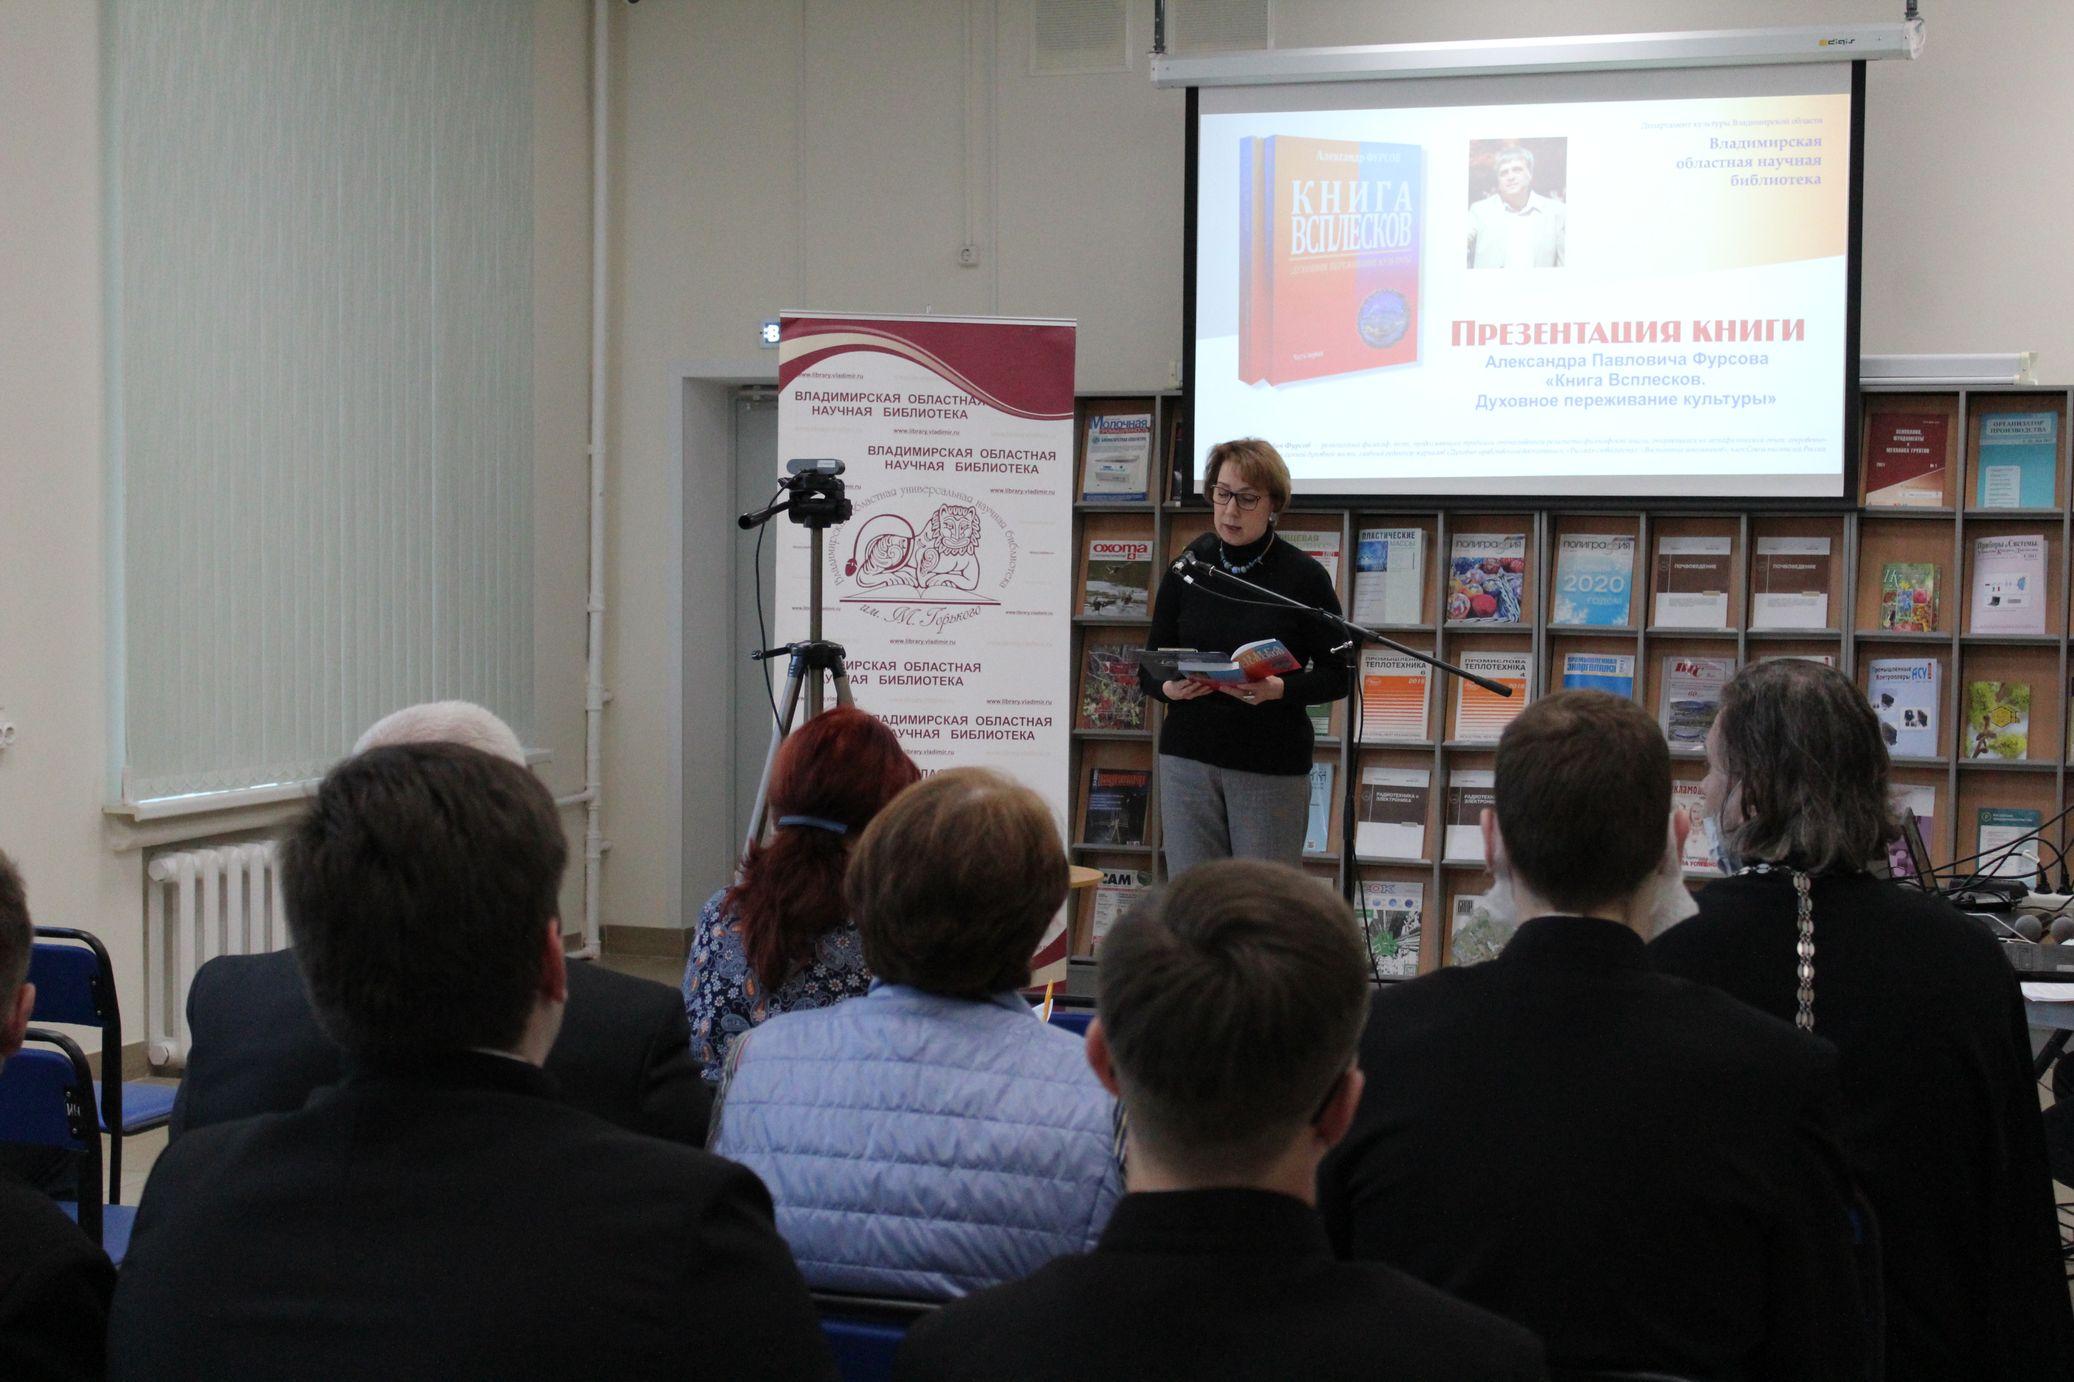 Начало презентации книги Книга Всплесков